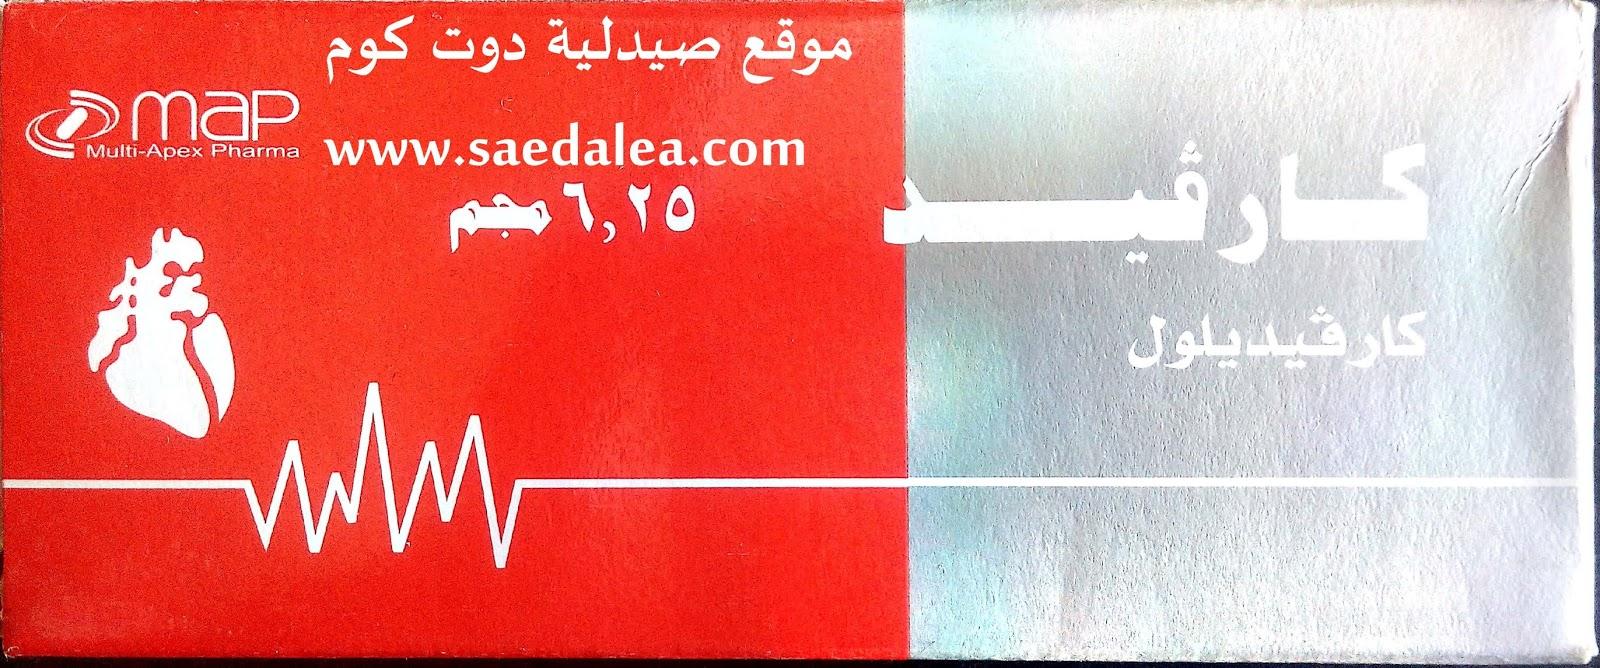 دواء كارفيد carvid لعلاج إرتفاع ضغط الدم وعلاج الذبحة الصدرية،